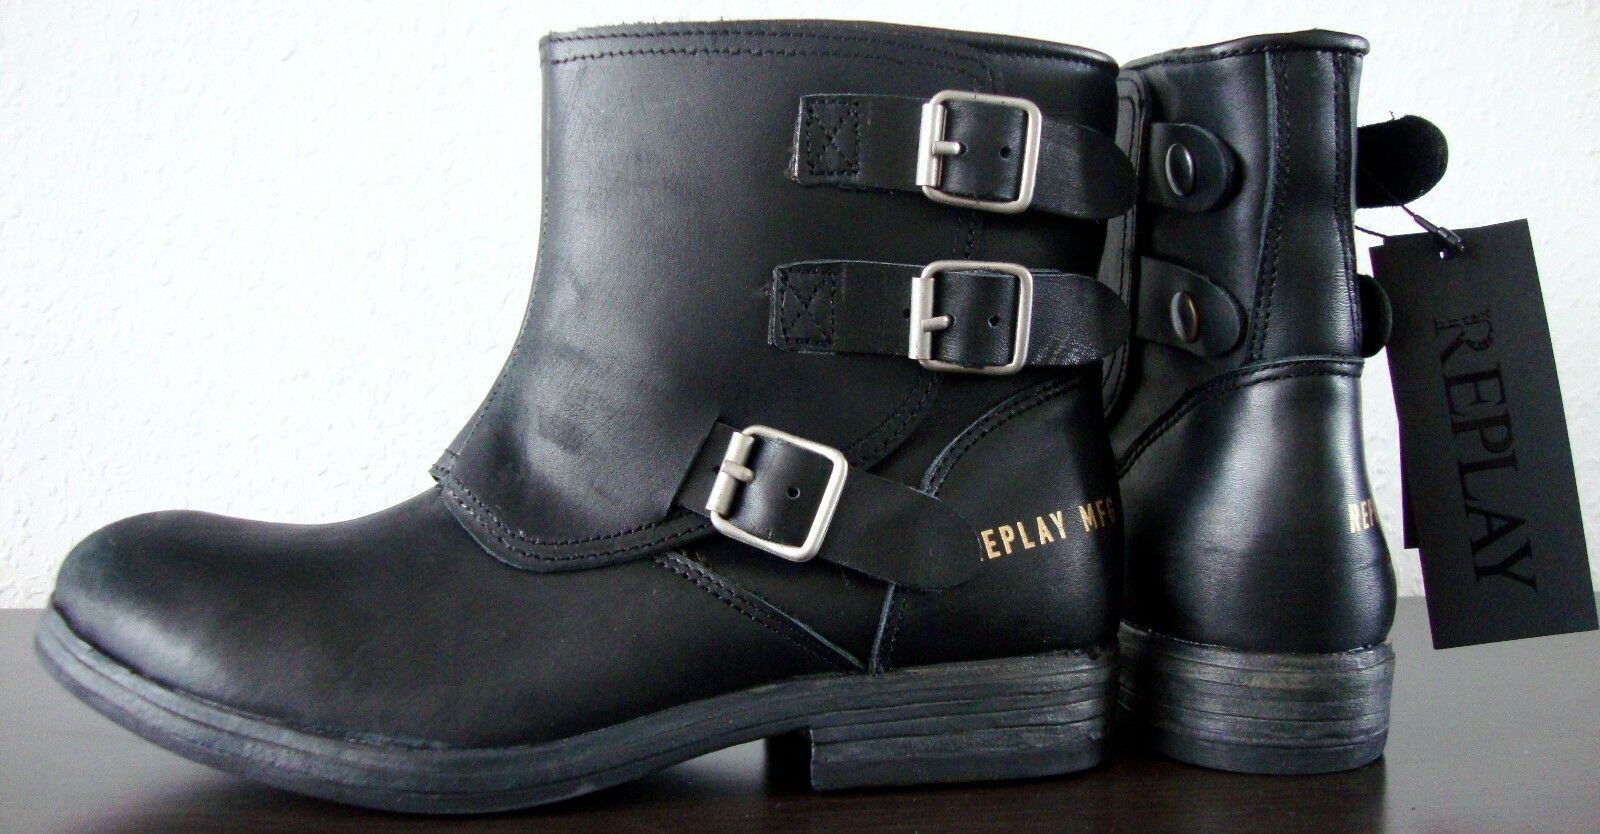 Replay narie botas de motorista motorista motorista señora botaie botín botas de cuero negro gr38 nuevo  tienda de venta